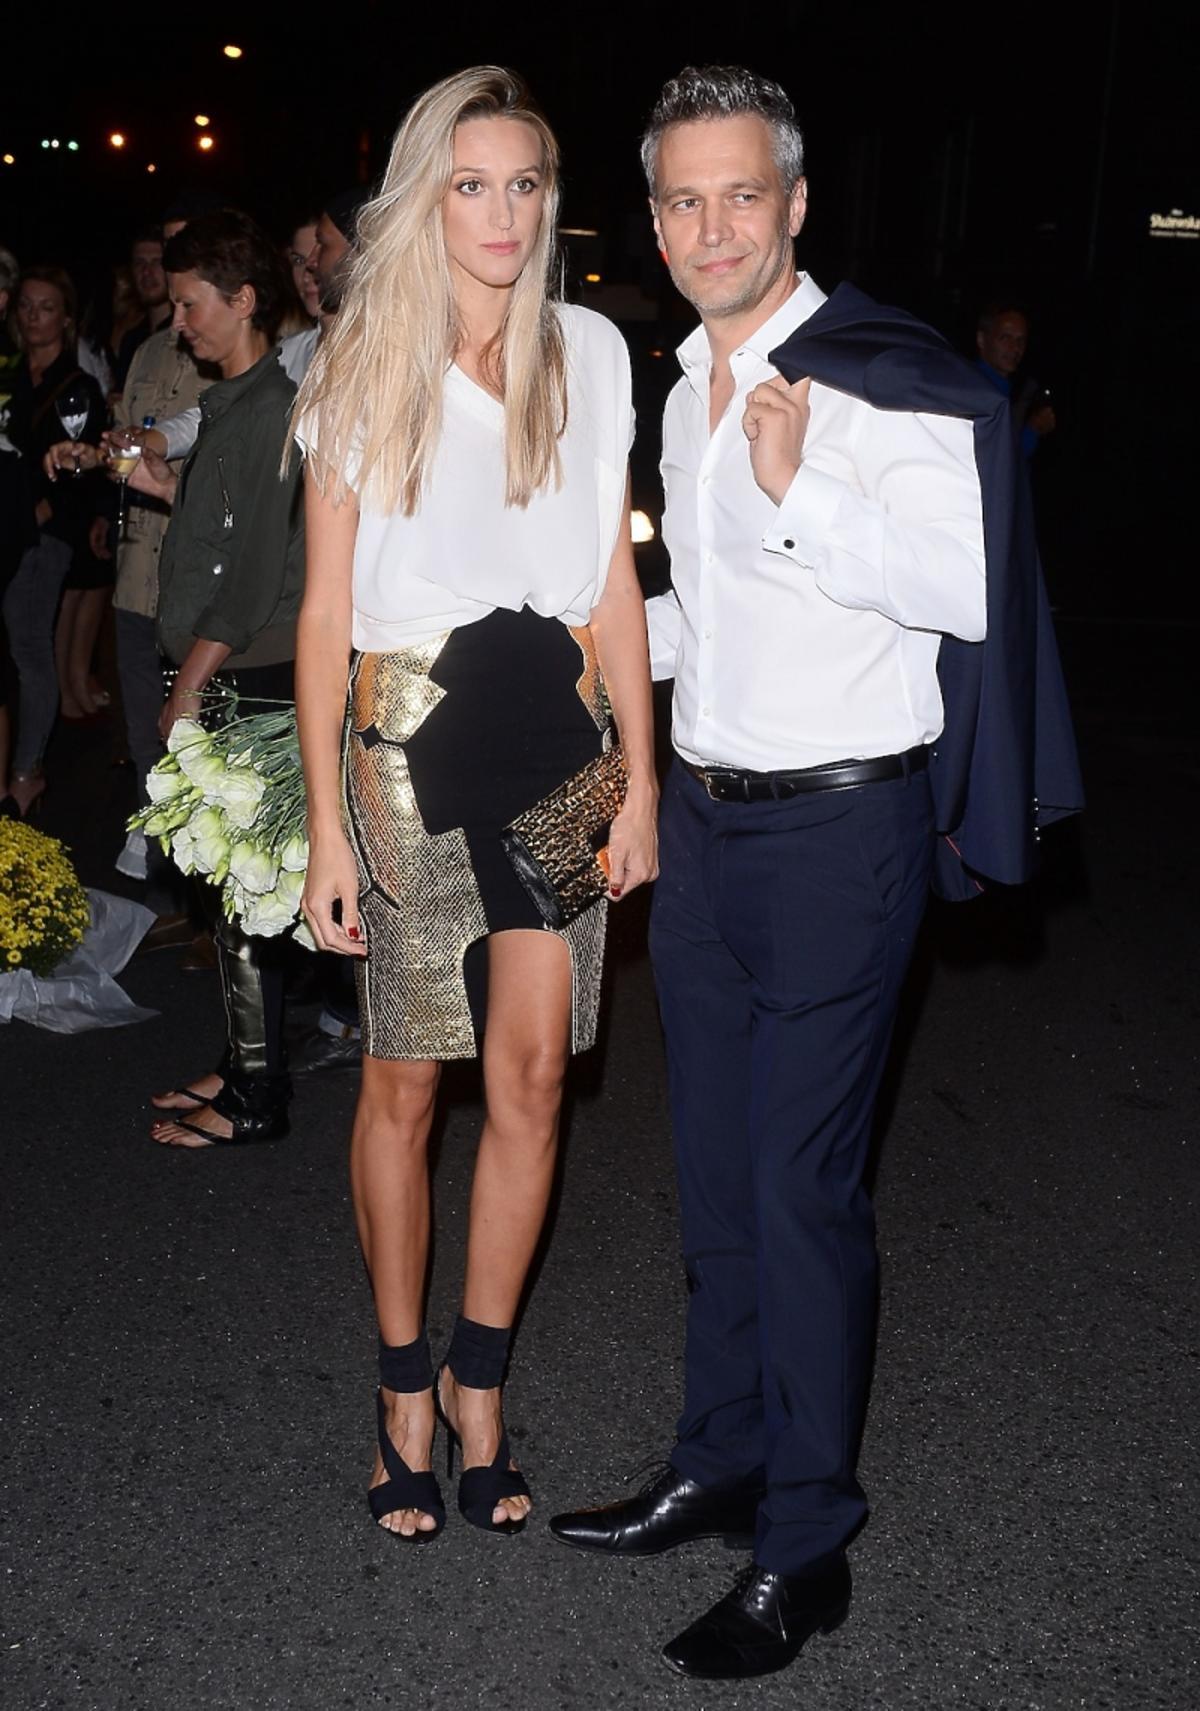 Aleksandra Adamczyk i Michał Żebrowski wieczorem na ulicy